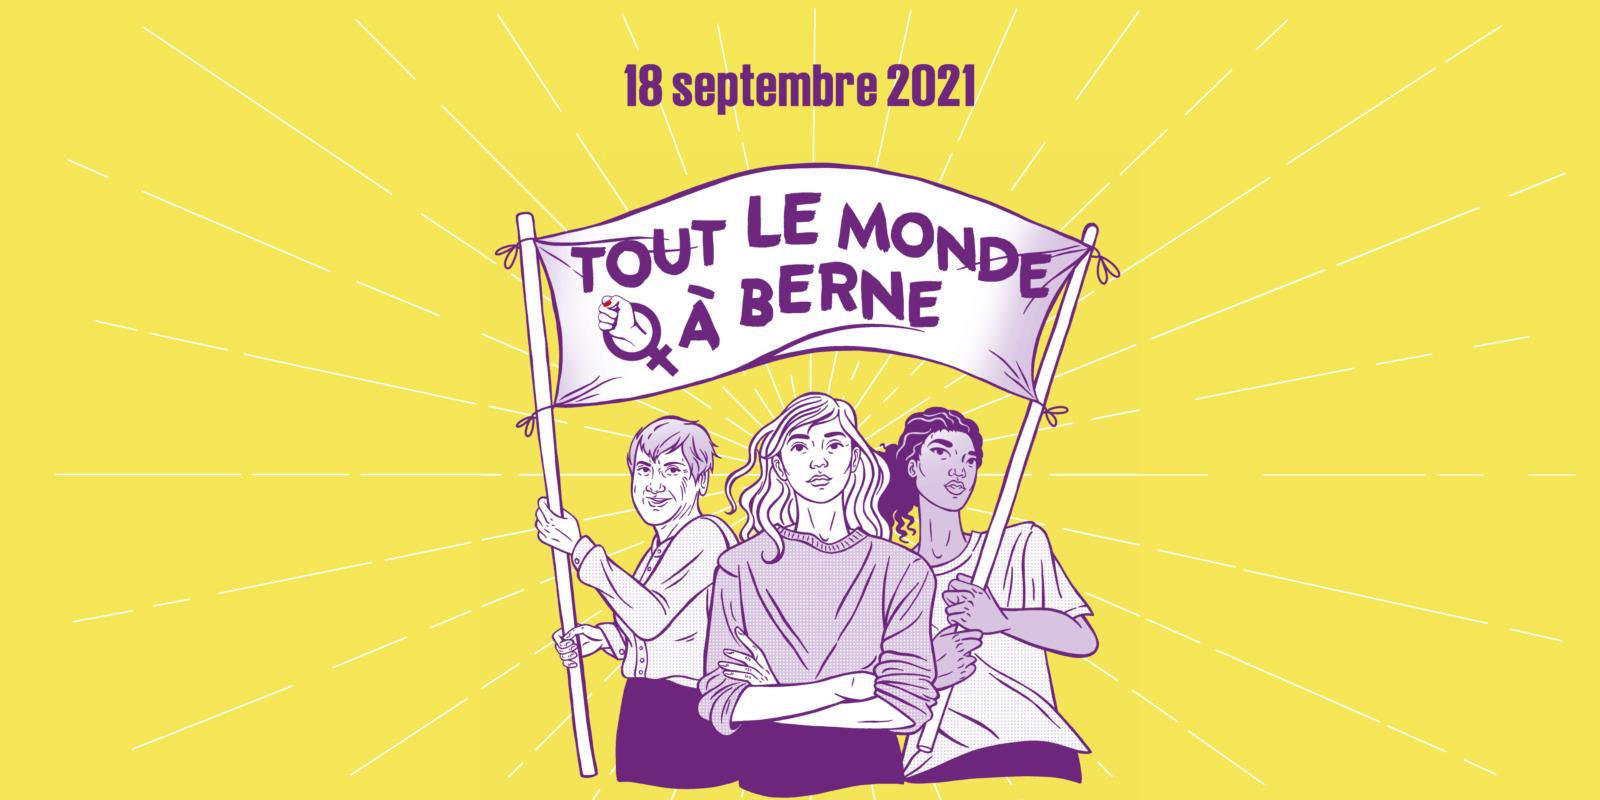 Tout le monde à Berne ! Le 18 septembre 2021